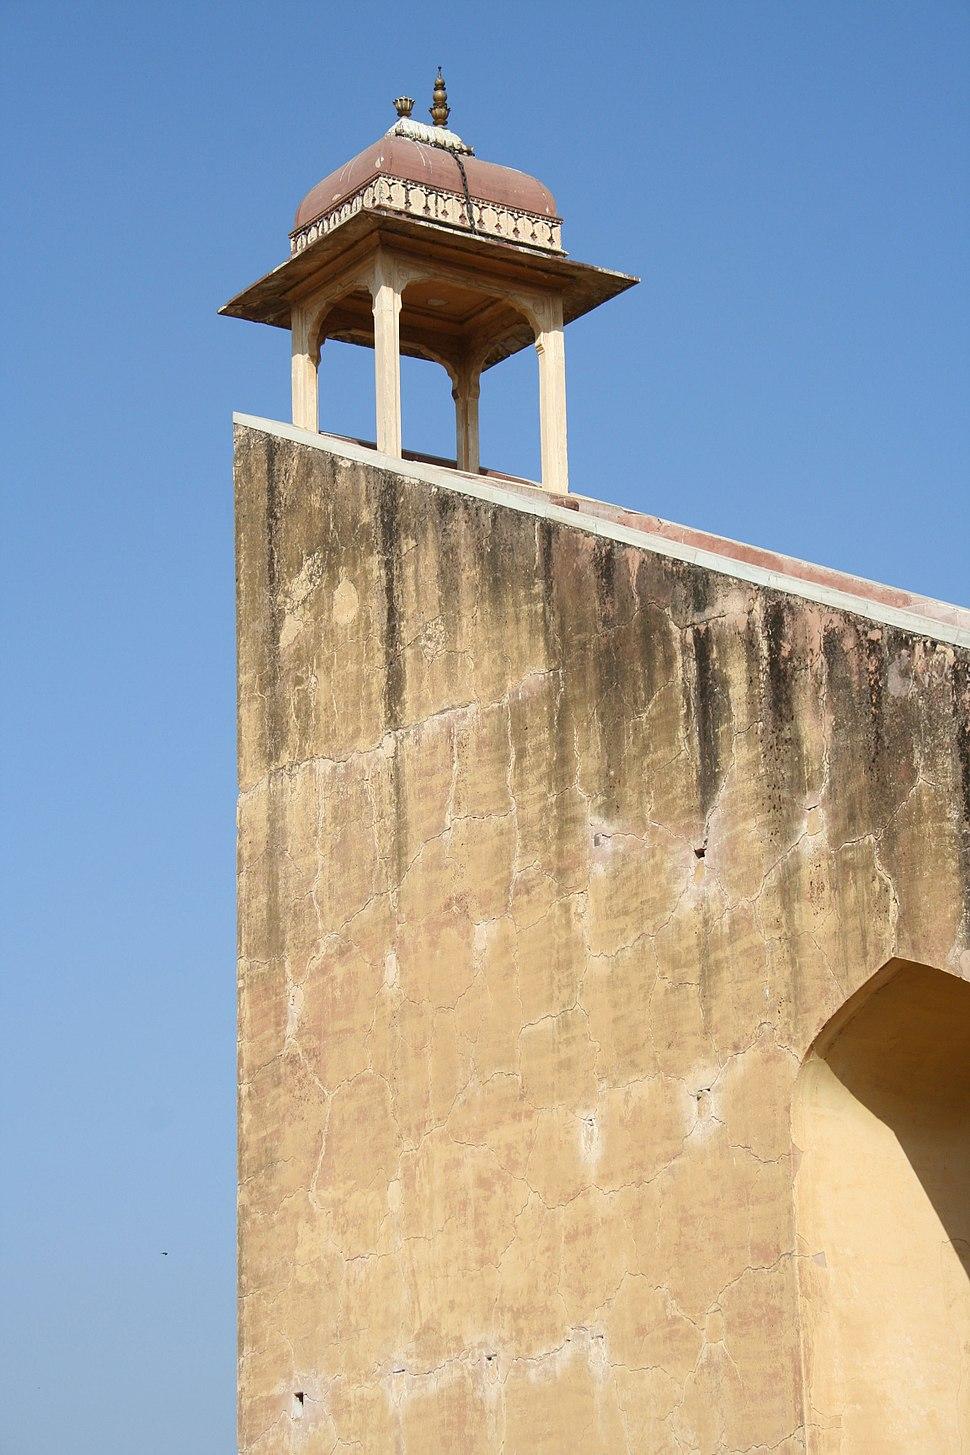 Jantar Mantar in Jaipur giant sundial